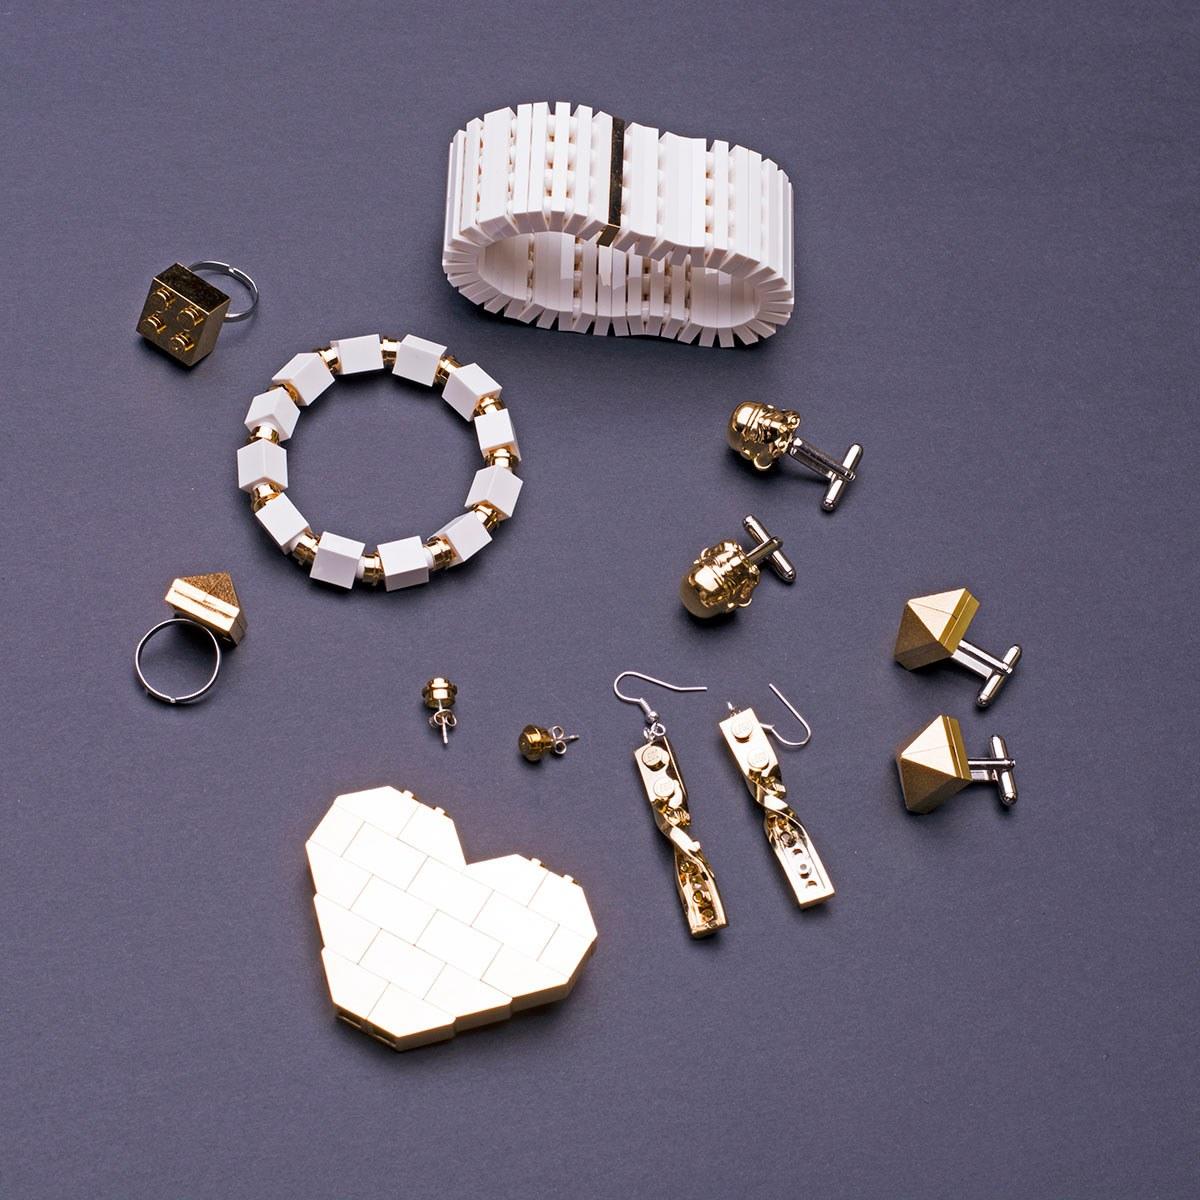 2dd005543c Τσάντες και κοσμήματα από επίχρυσα LEGO